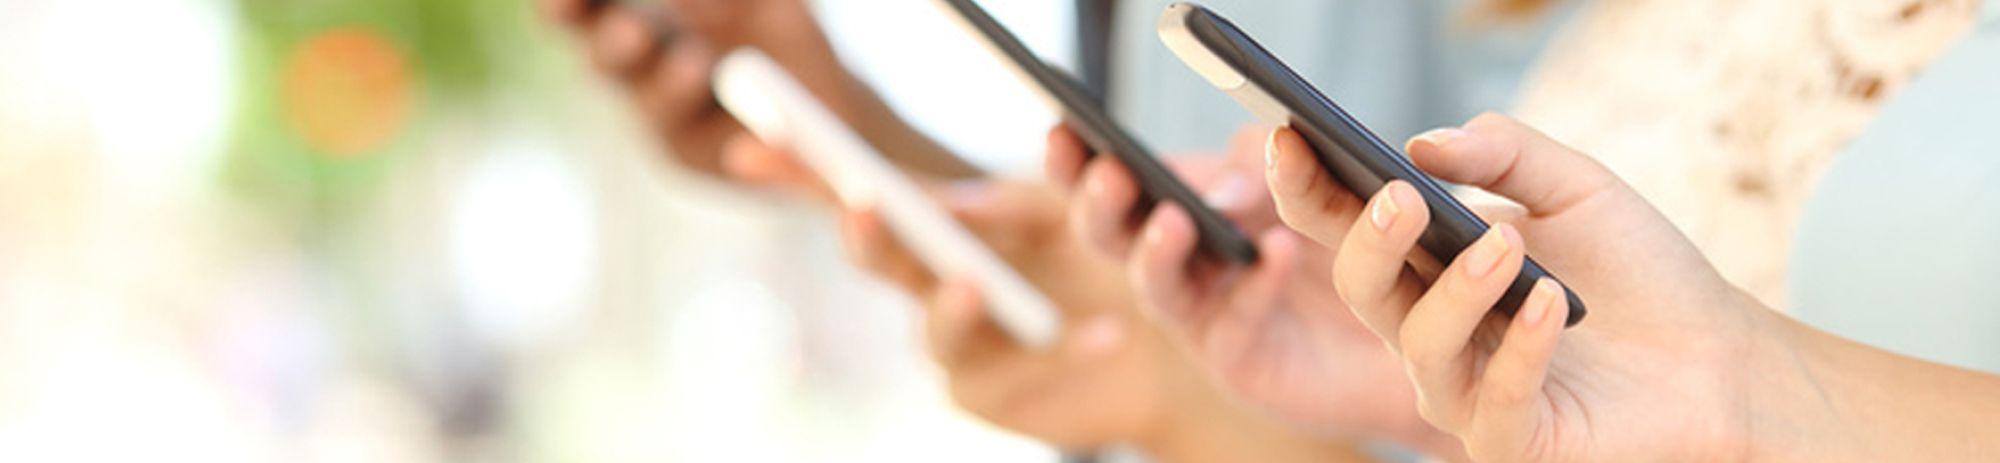 Google+-Menschen, die auf Handys schauen